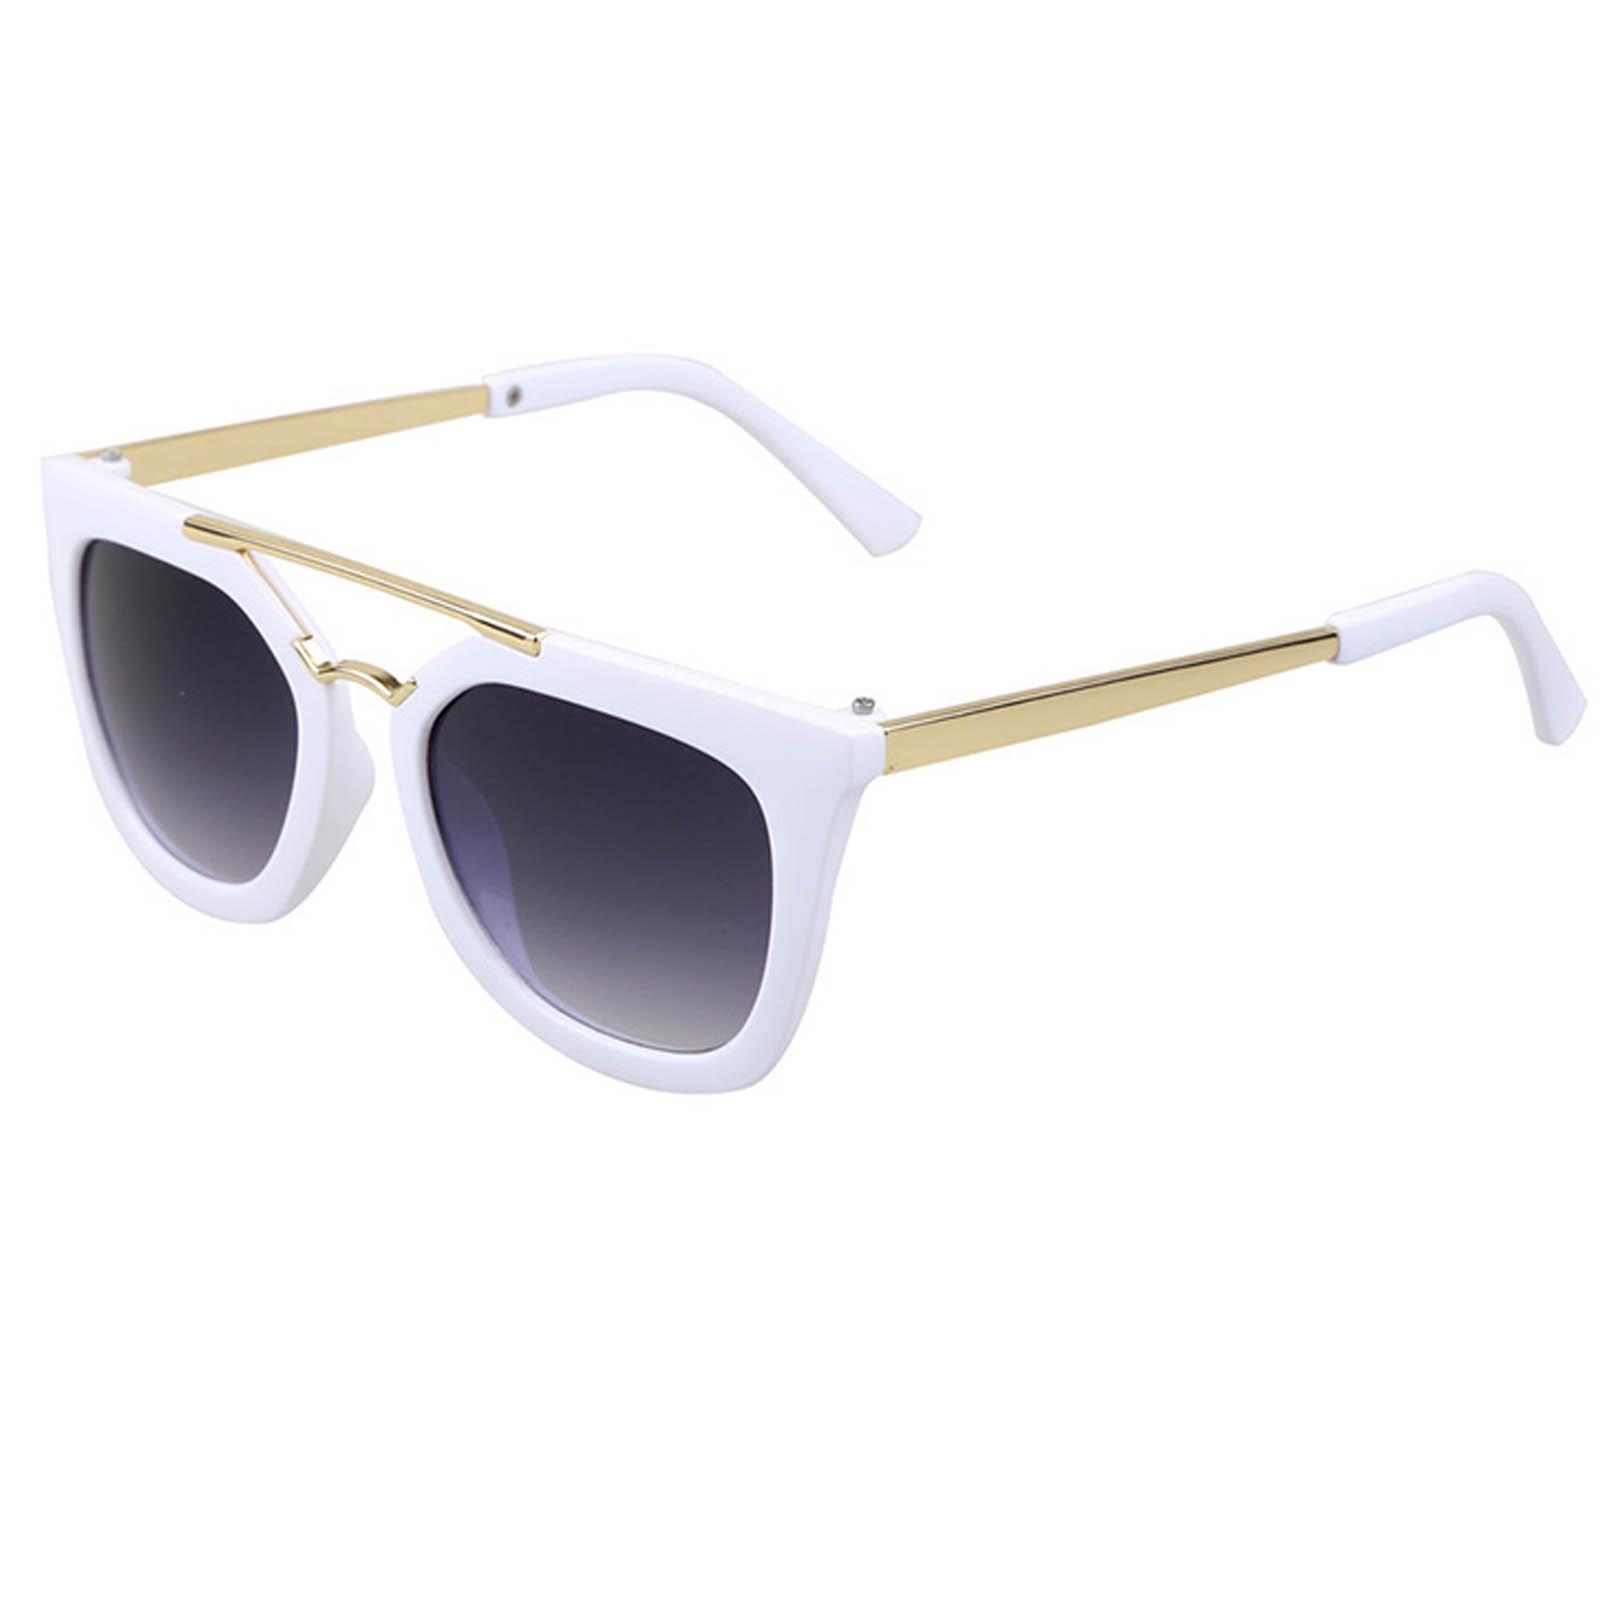 OWL ® 043 C5 Cat Round Eyewear Sunglasses Women's Men's Metal White Frame Smoke Lens One Pair